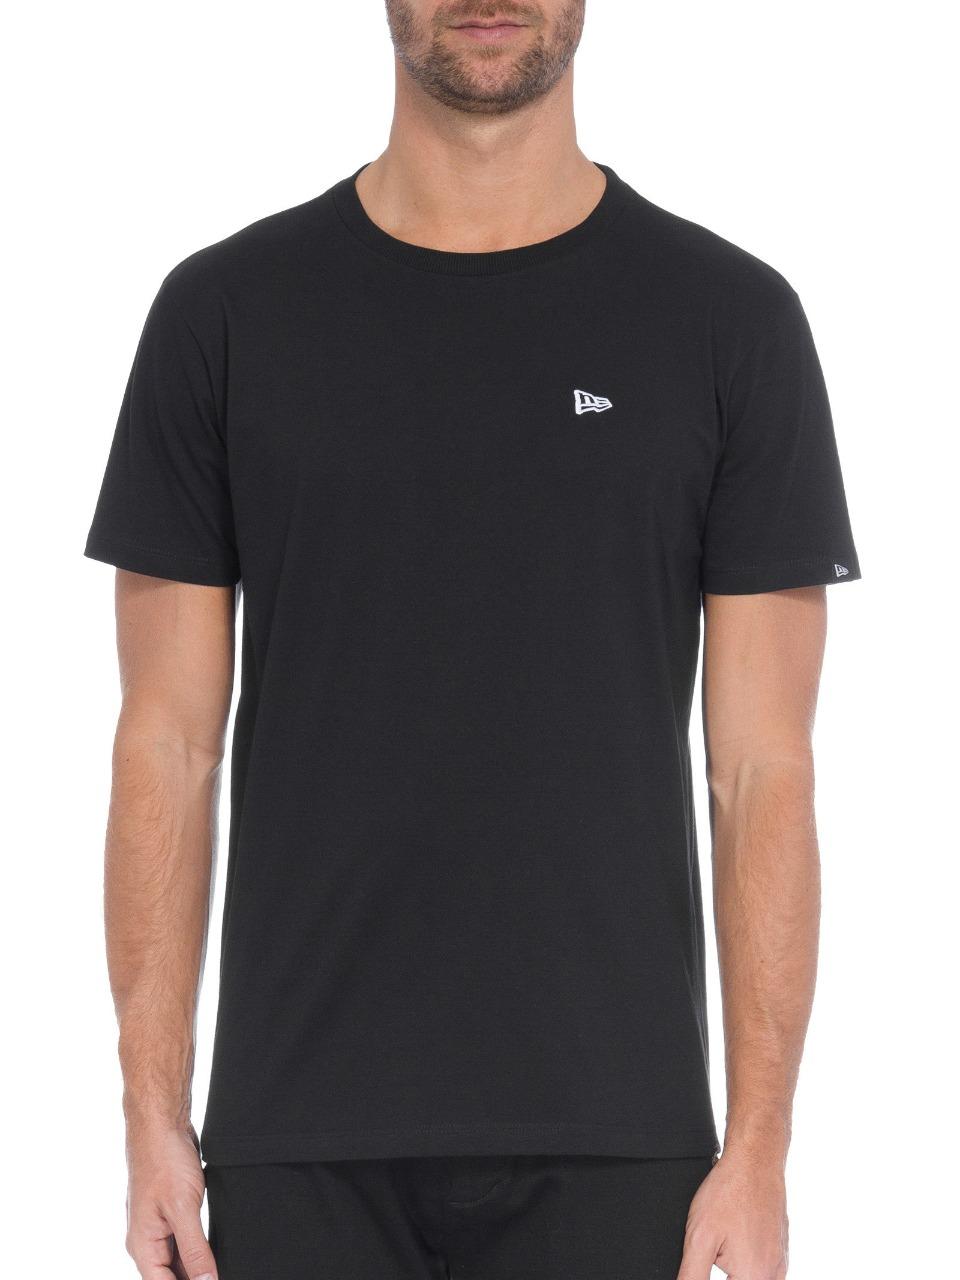 Camiseta New Era Essentials Flag Básica Preta